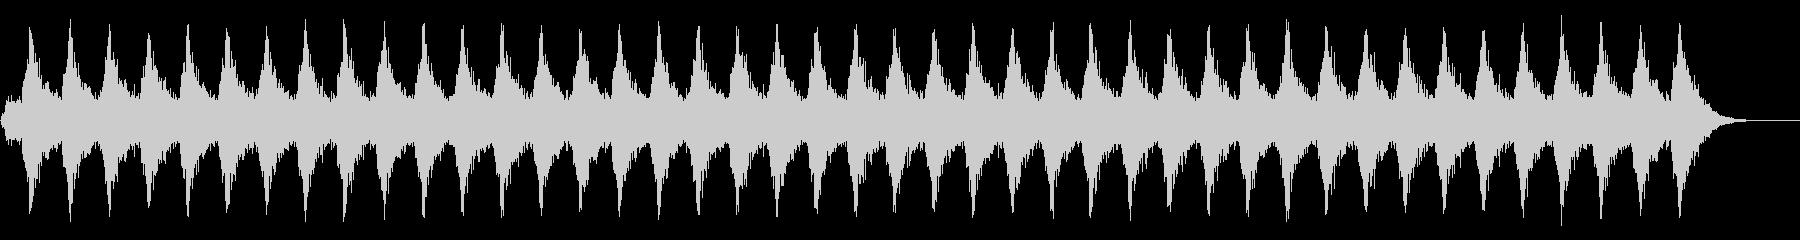 スリリングなシーンにの未再生の波形